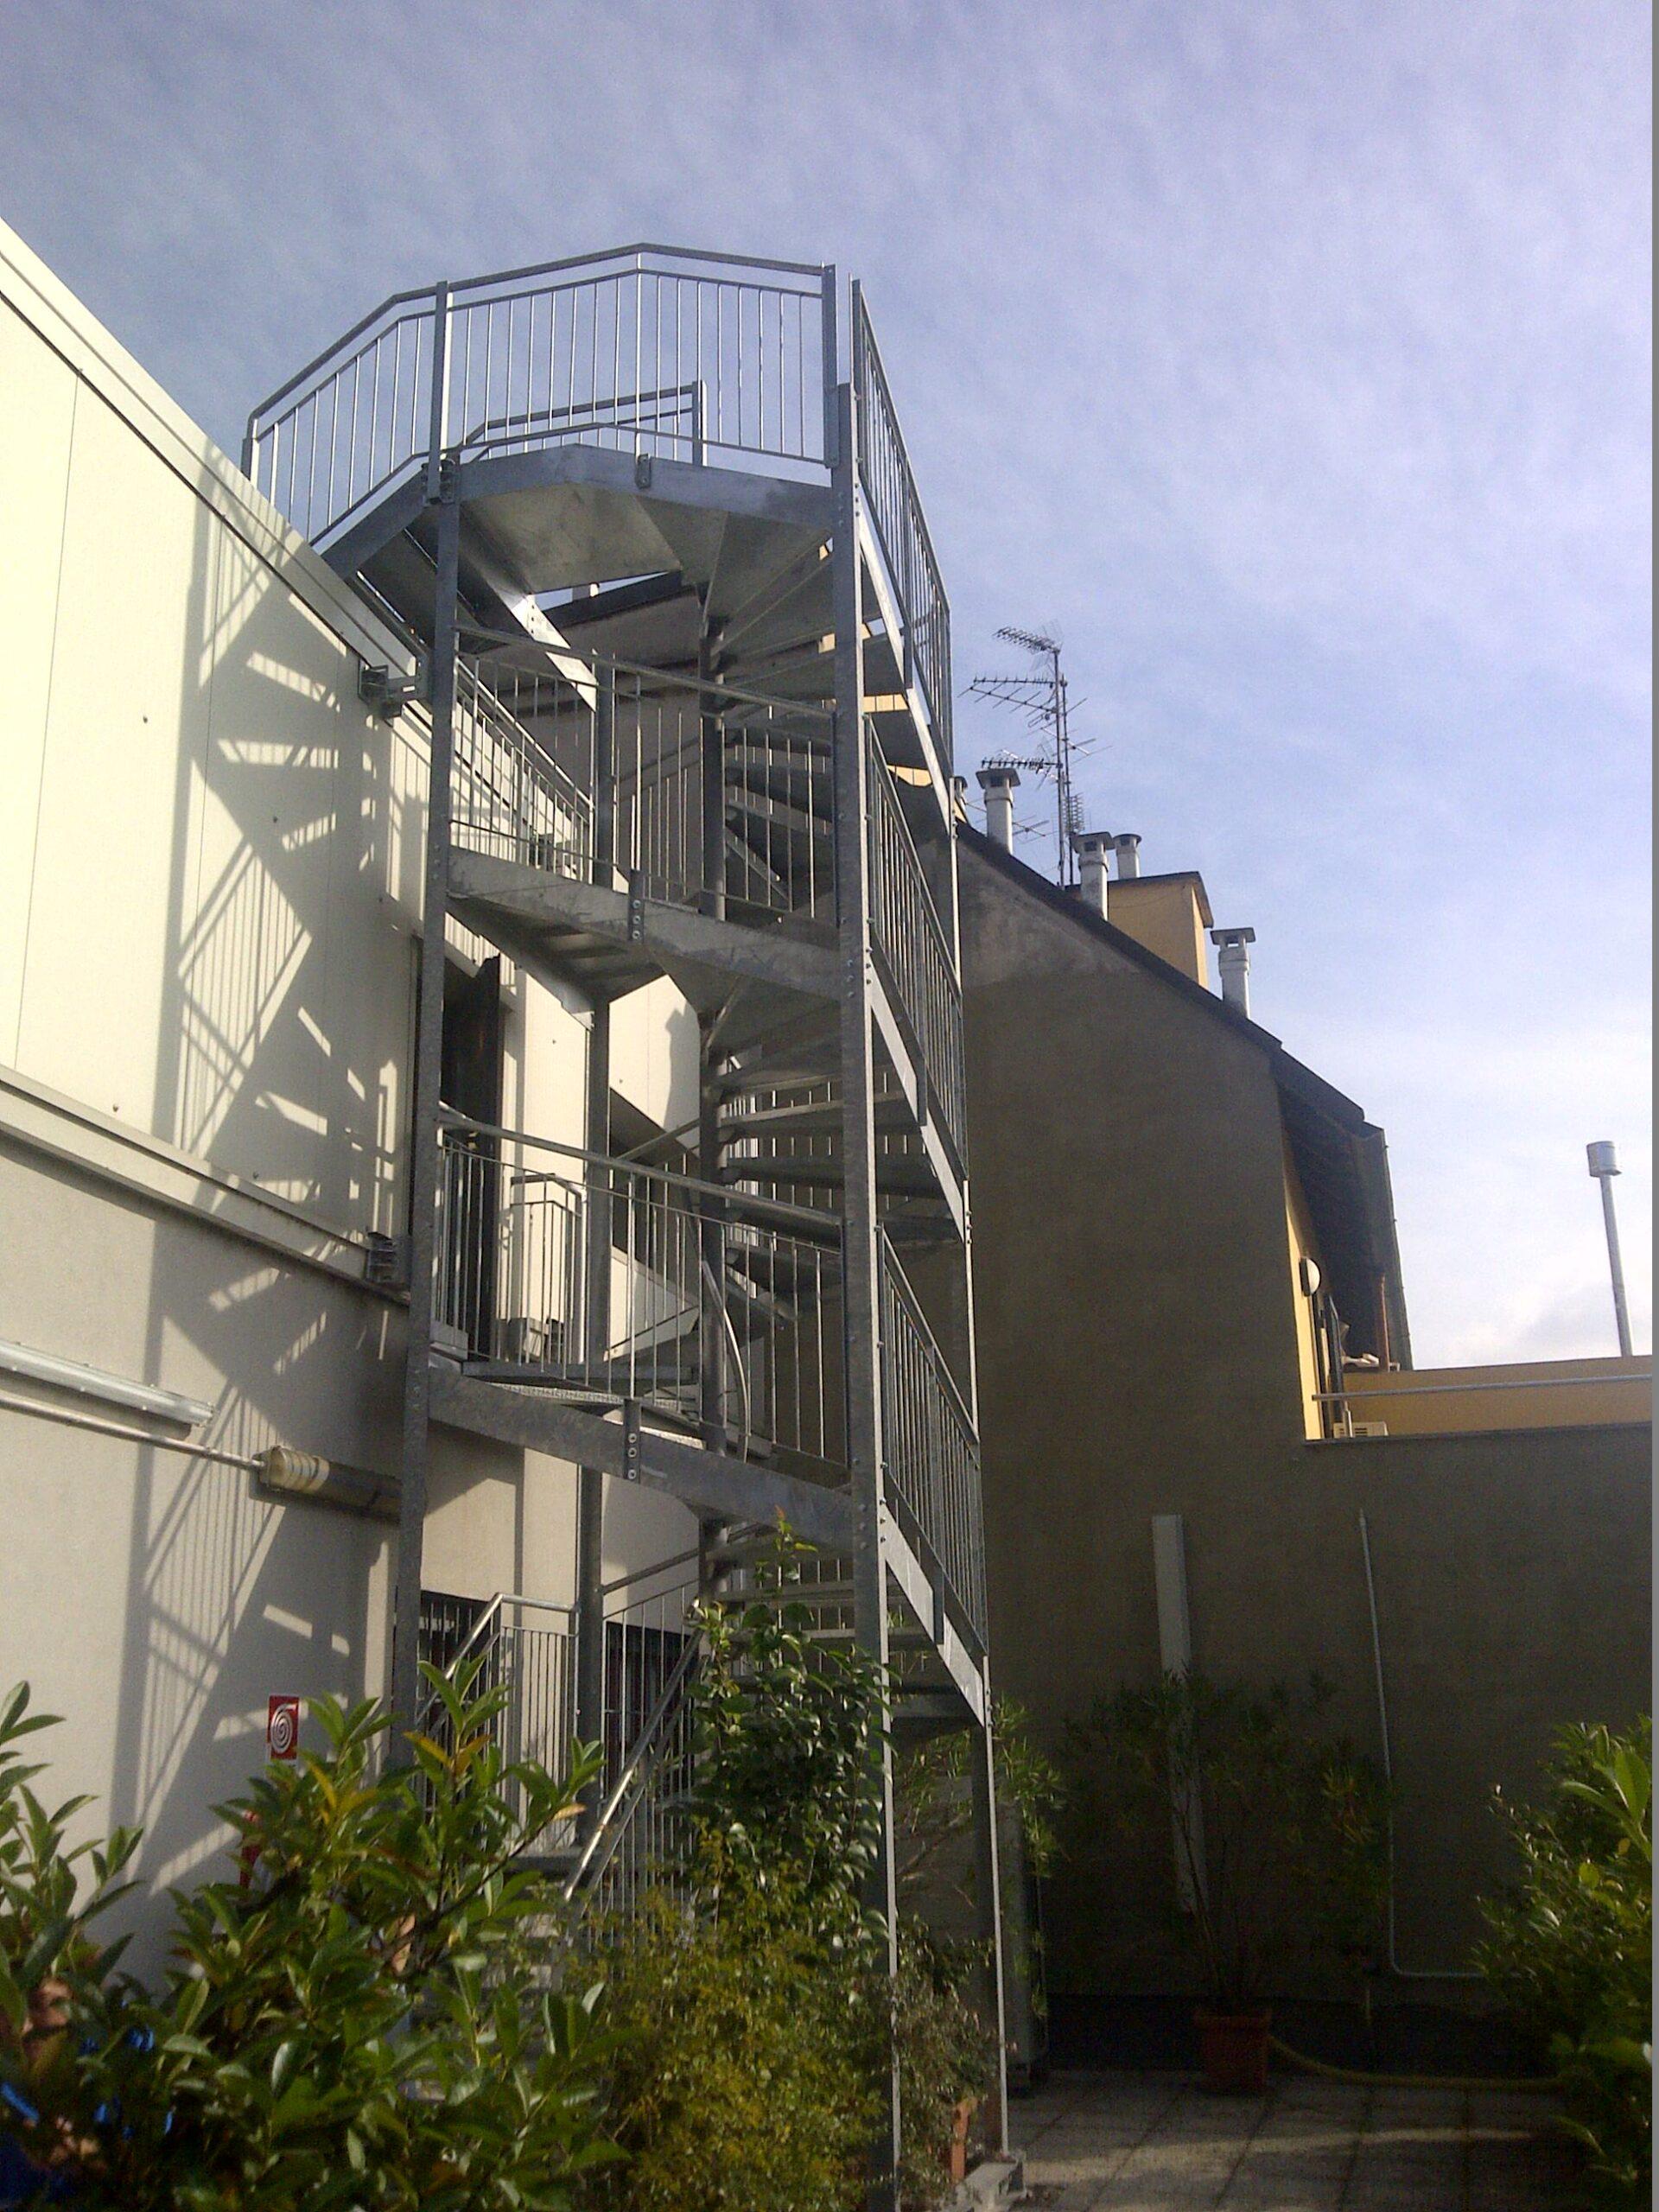 1. Scala di sicurezza esterna antincendio in profili di acciaio zincato a caldo e collegati tramite bullonature: lavori ultimati.